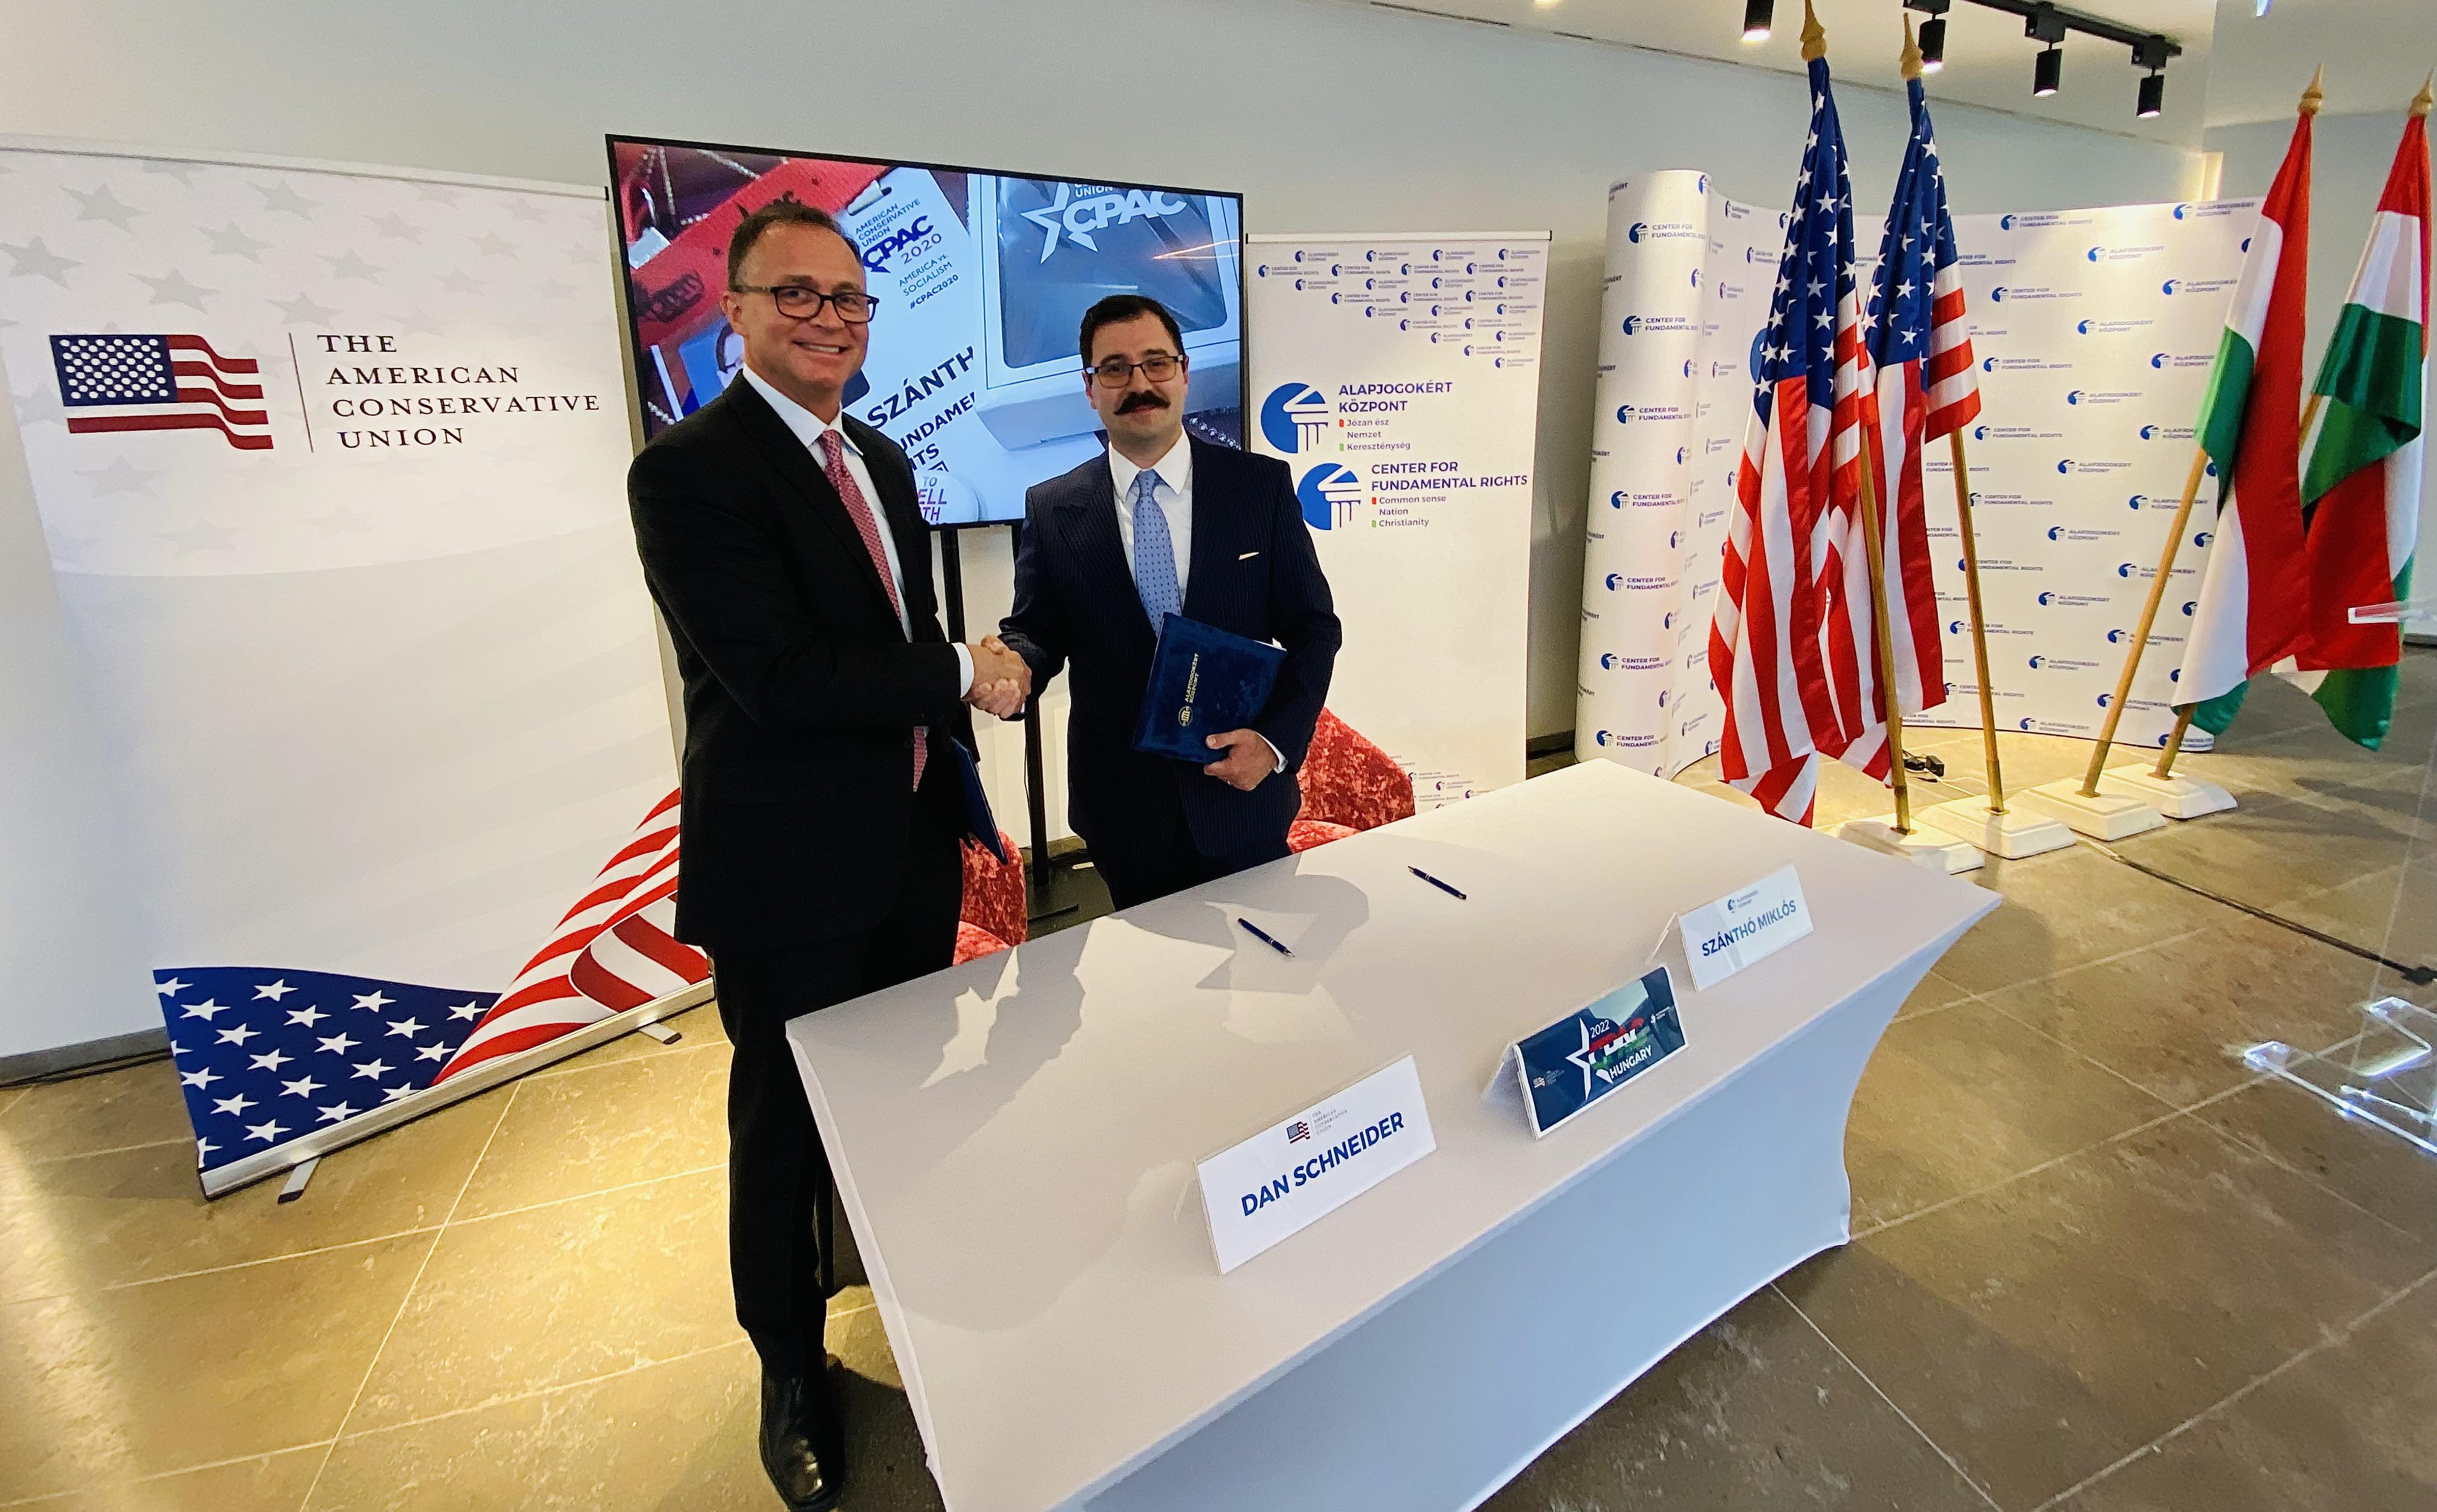 Magyarországra hozza az Alapjogokért Központ Amerika legnagyobb konzervatív rendezvényét, a Conservative Political Action Conference-t